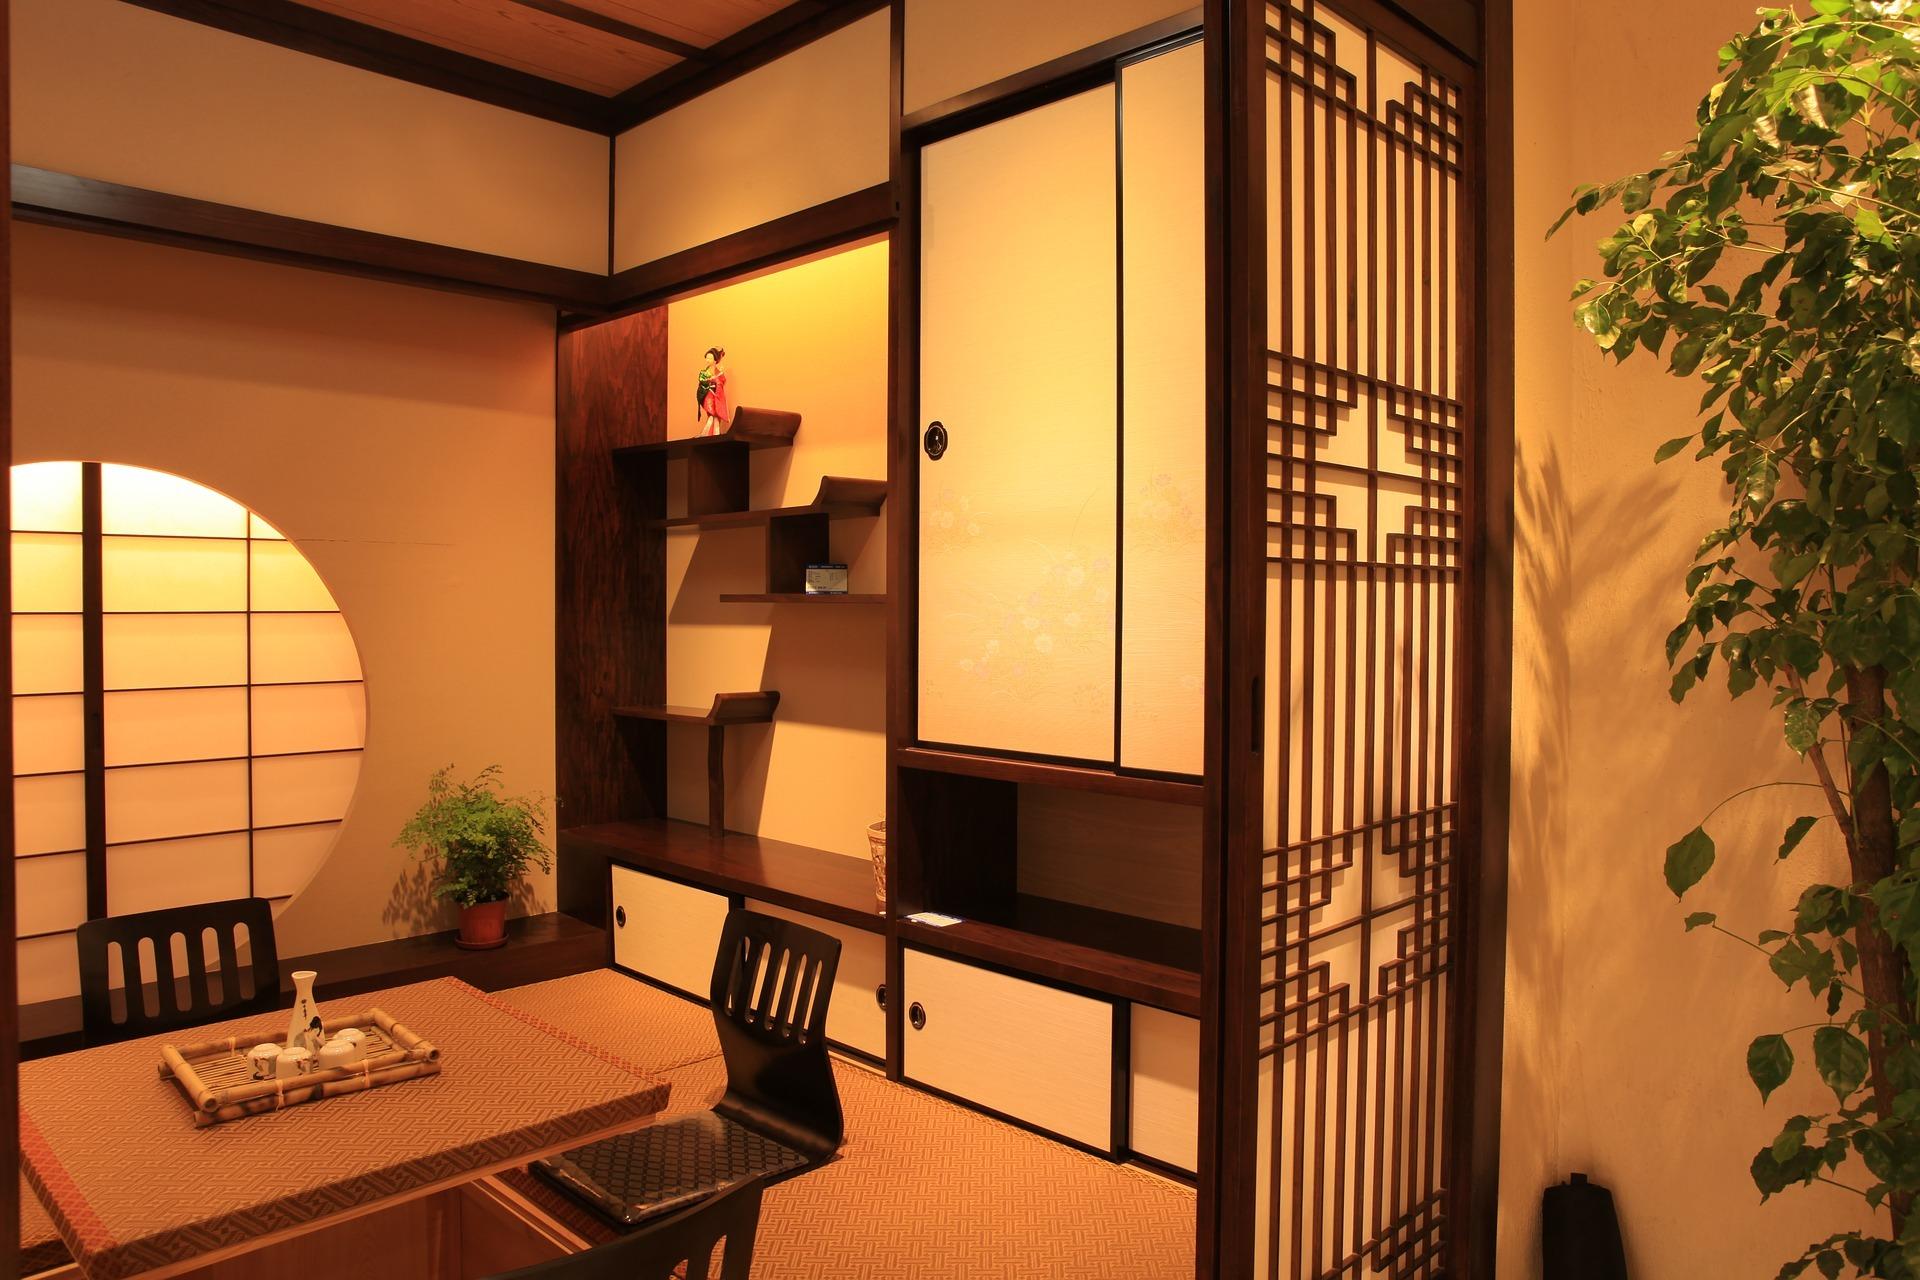 japanese-2667881_1920.jpg